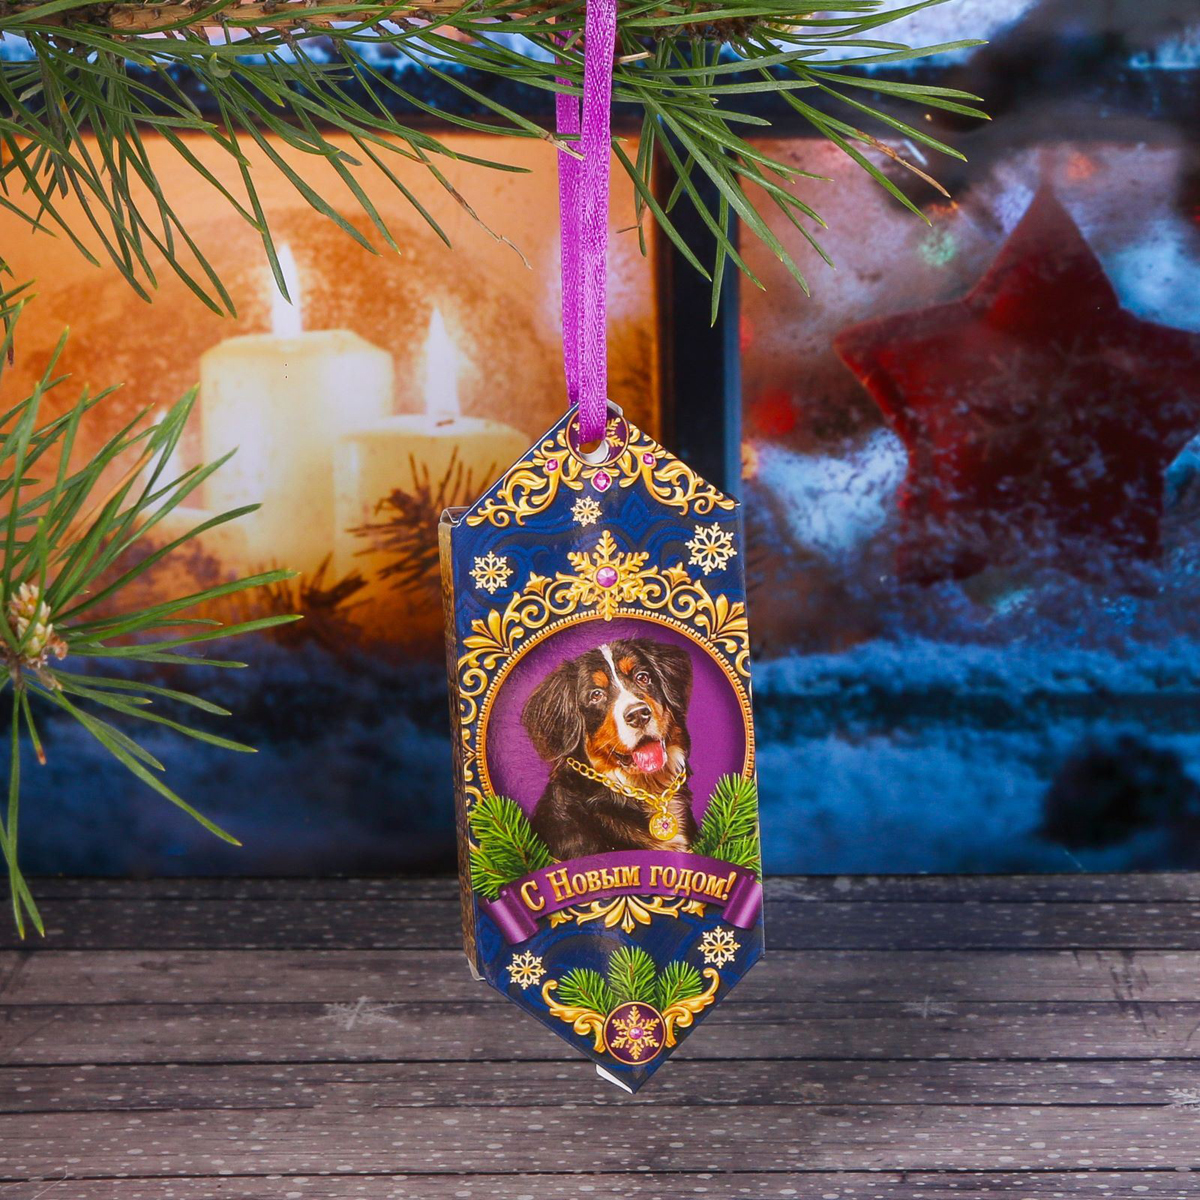 Украшение новогоднее подвесное Sima-land С Новым годом, 14 см х 13 см, 6 шт новогоднее подвесное украшение sima land с новым годом диаметр 10 см 1107341